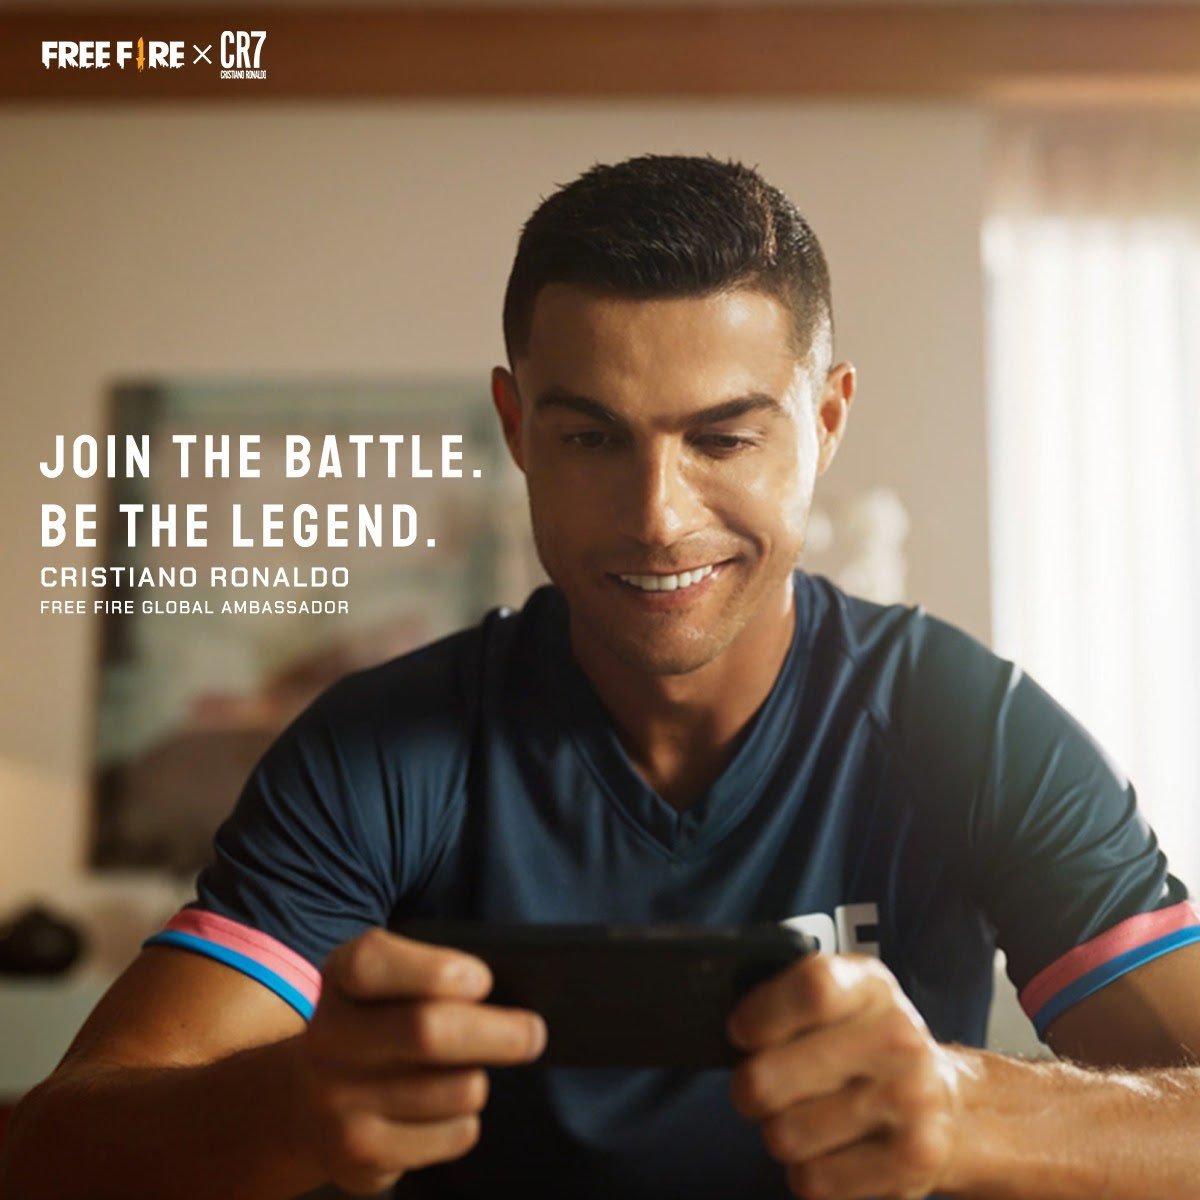 Криштиану Роналду стал героем популярной мобильной игры (+Фото, Видео) - изображение 1